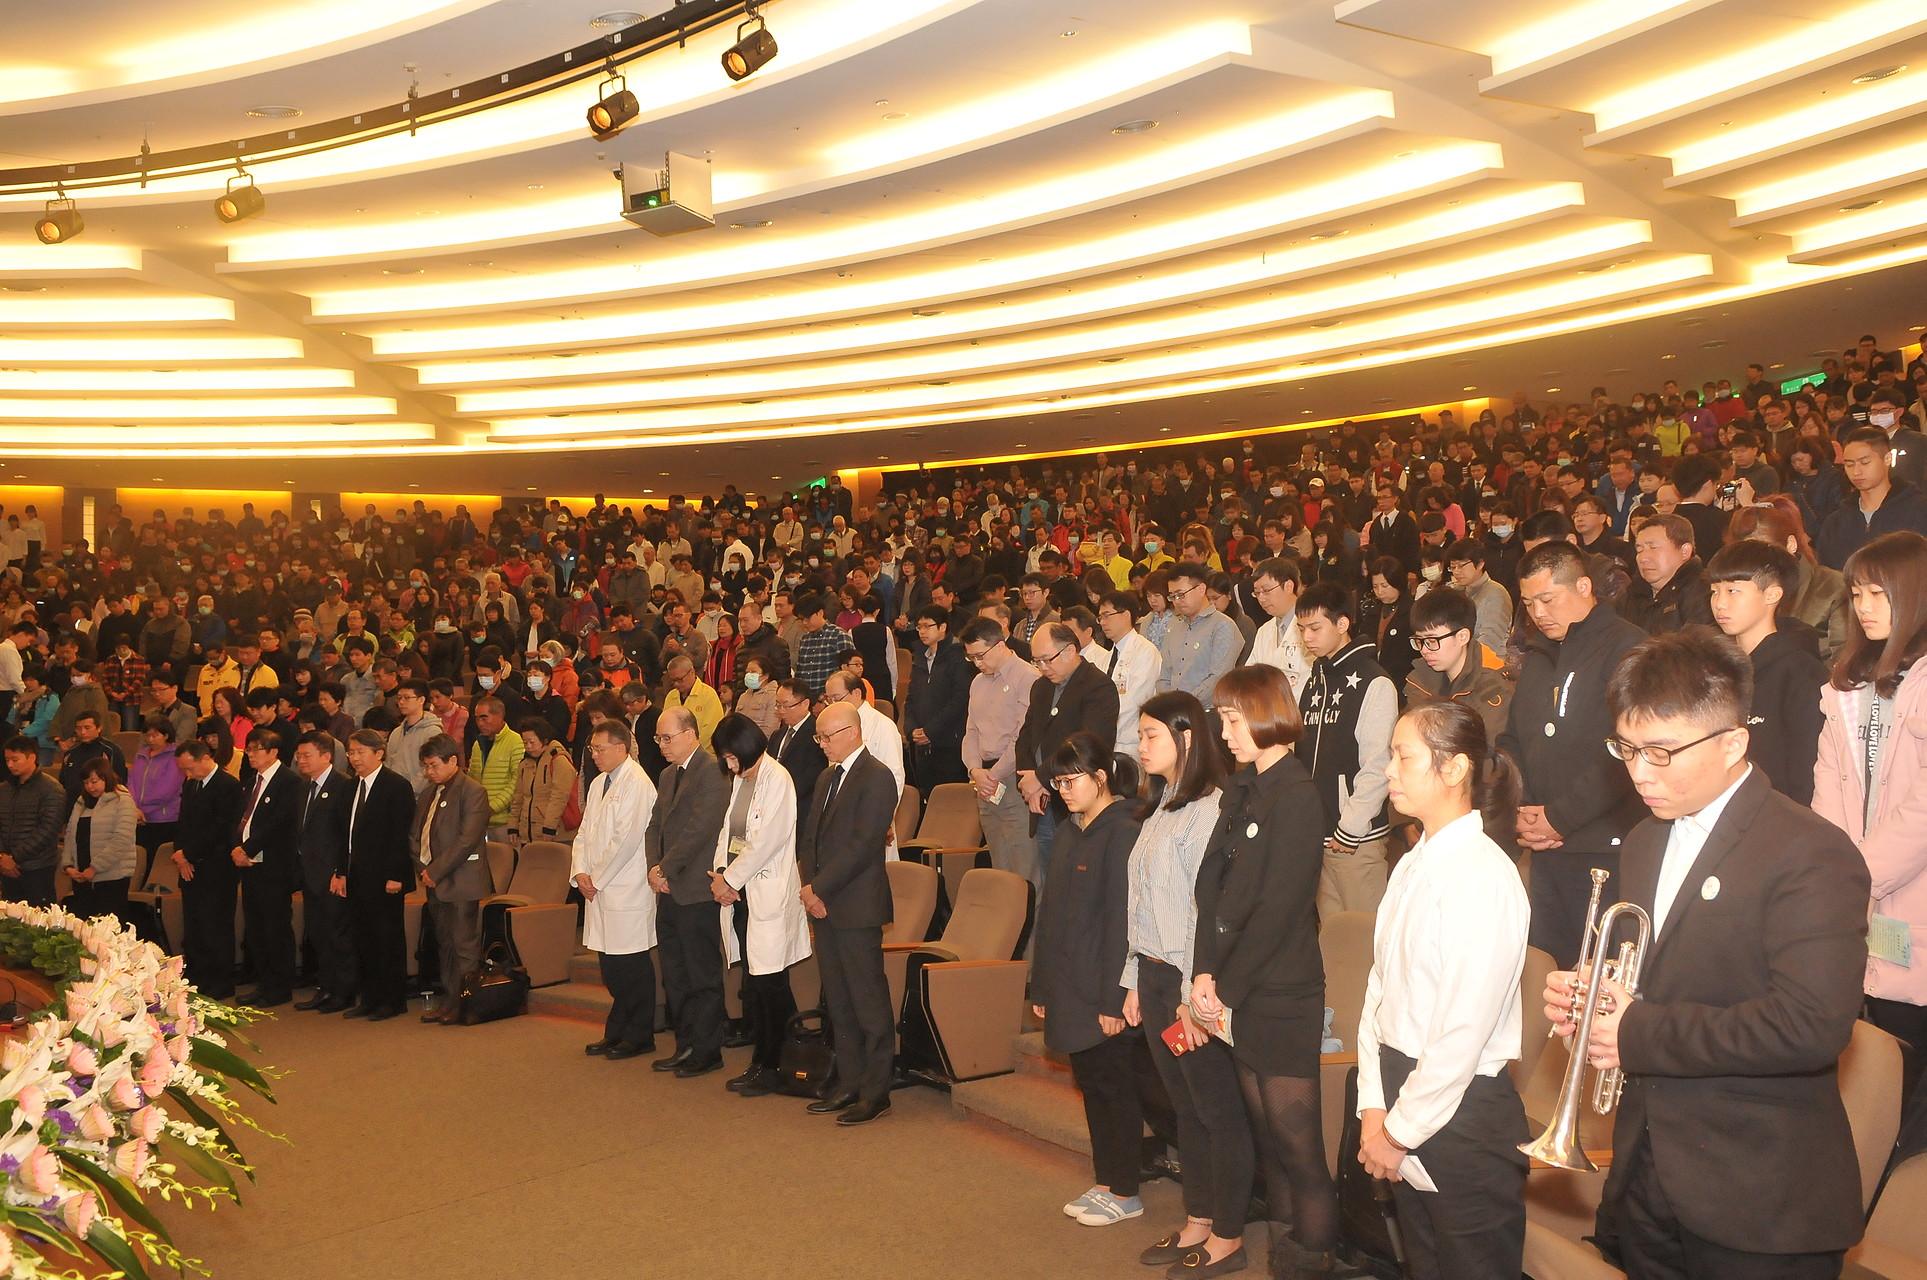 愛傳承,延長生命,林口長庚紀念醫院舉辦器官捐贈與大體老師追思大會